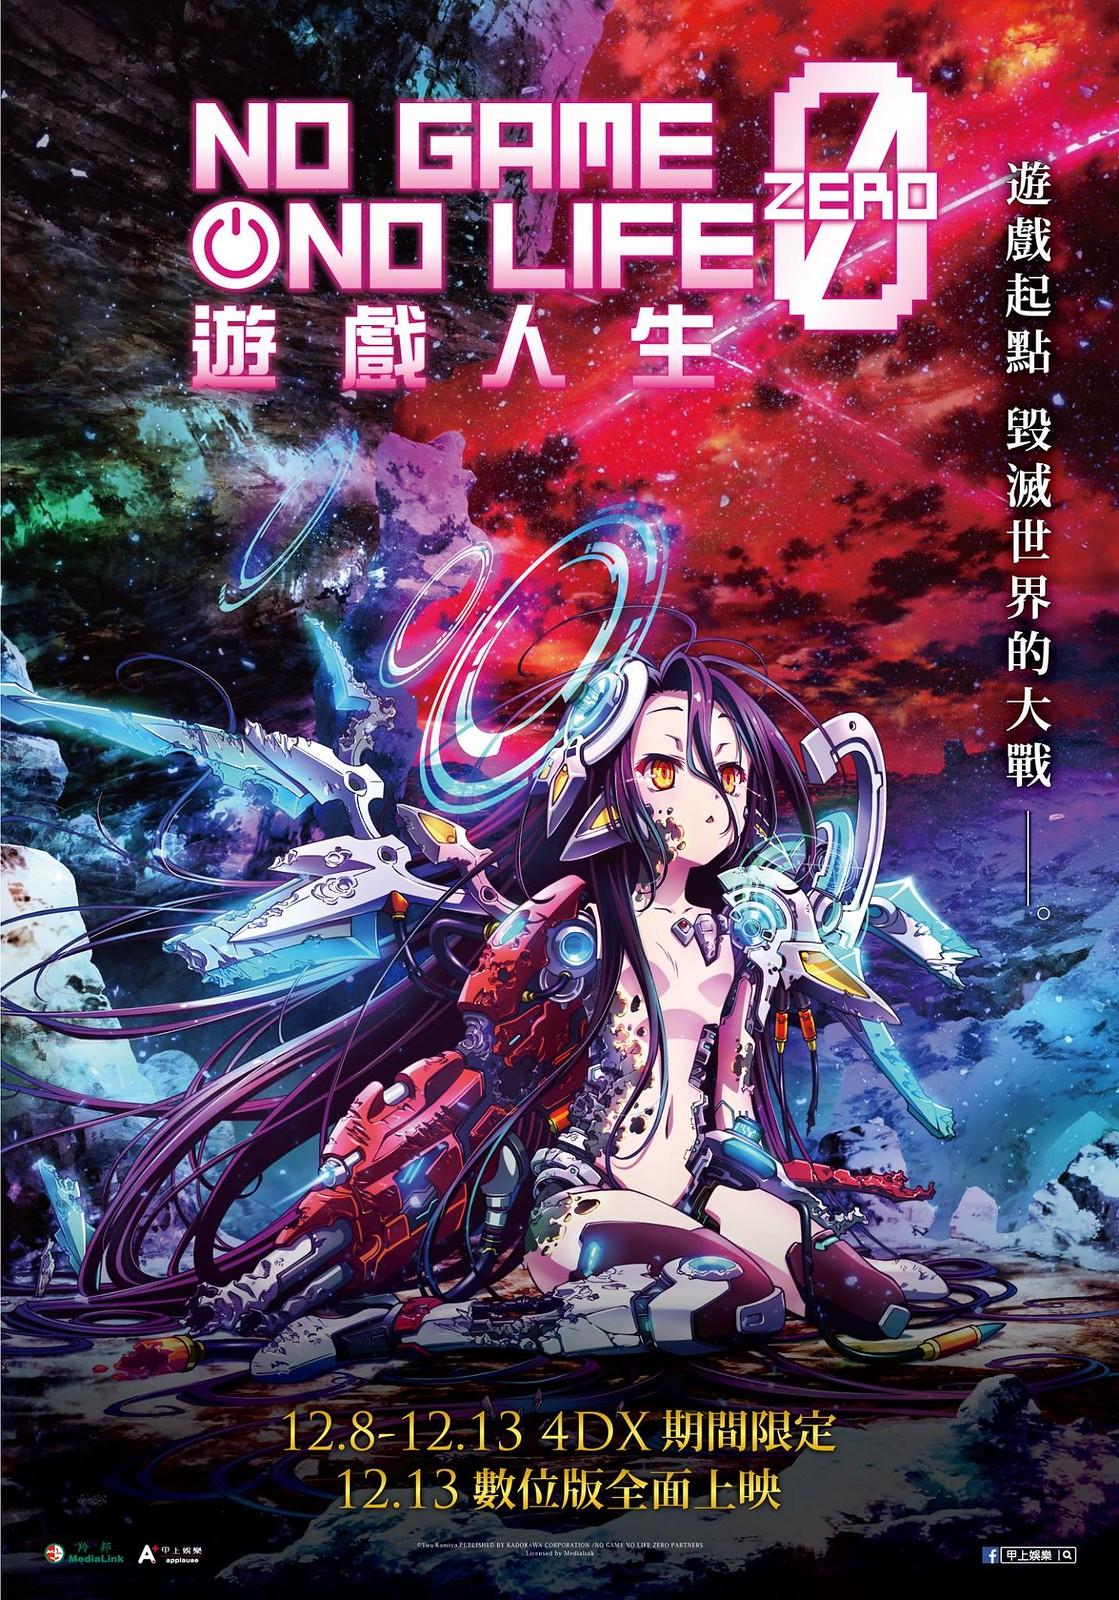 171123 - 在『星際大戰8』前夕、遊戲人生劇場版《NO GAME NO LIFE ZERO》台灣將從12/8上映4DX版!